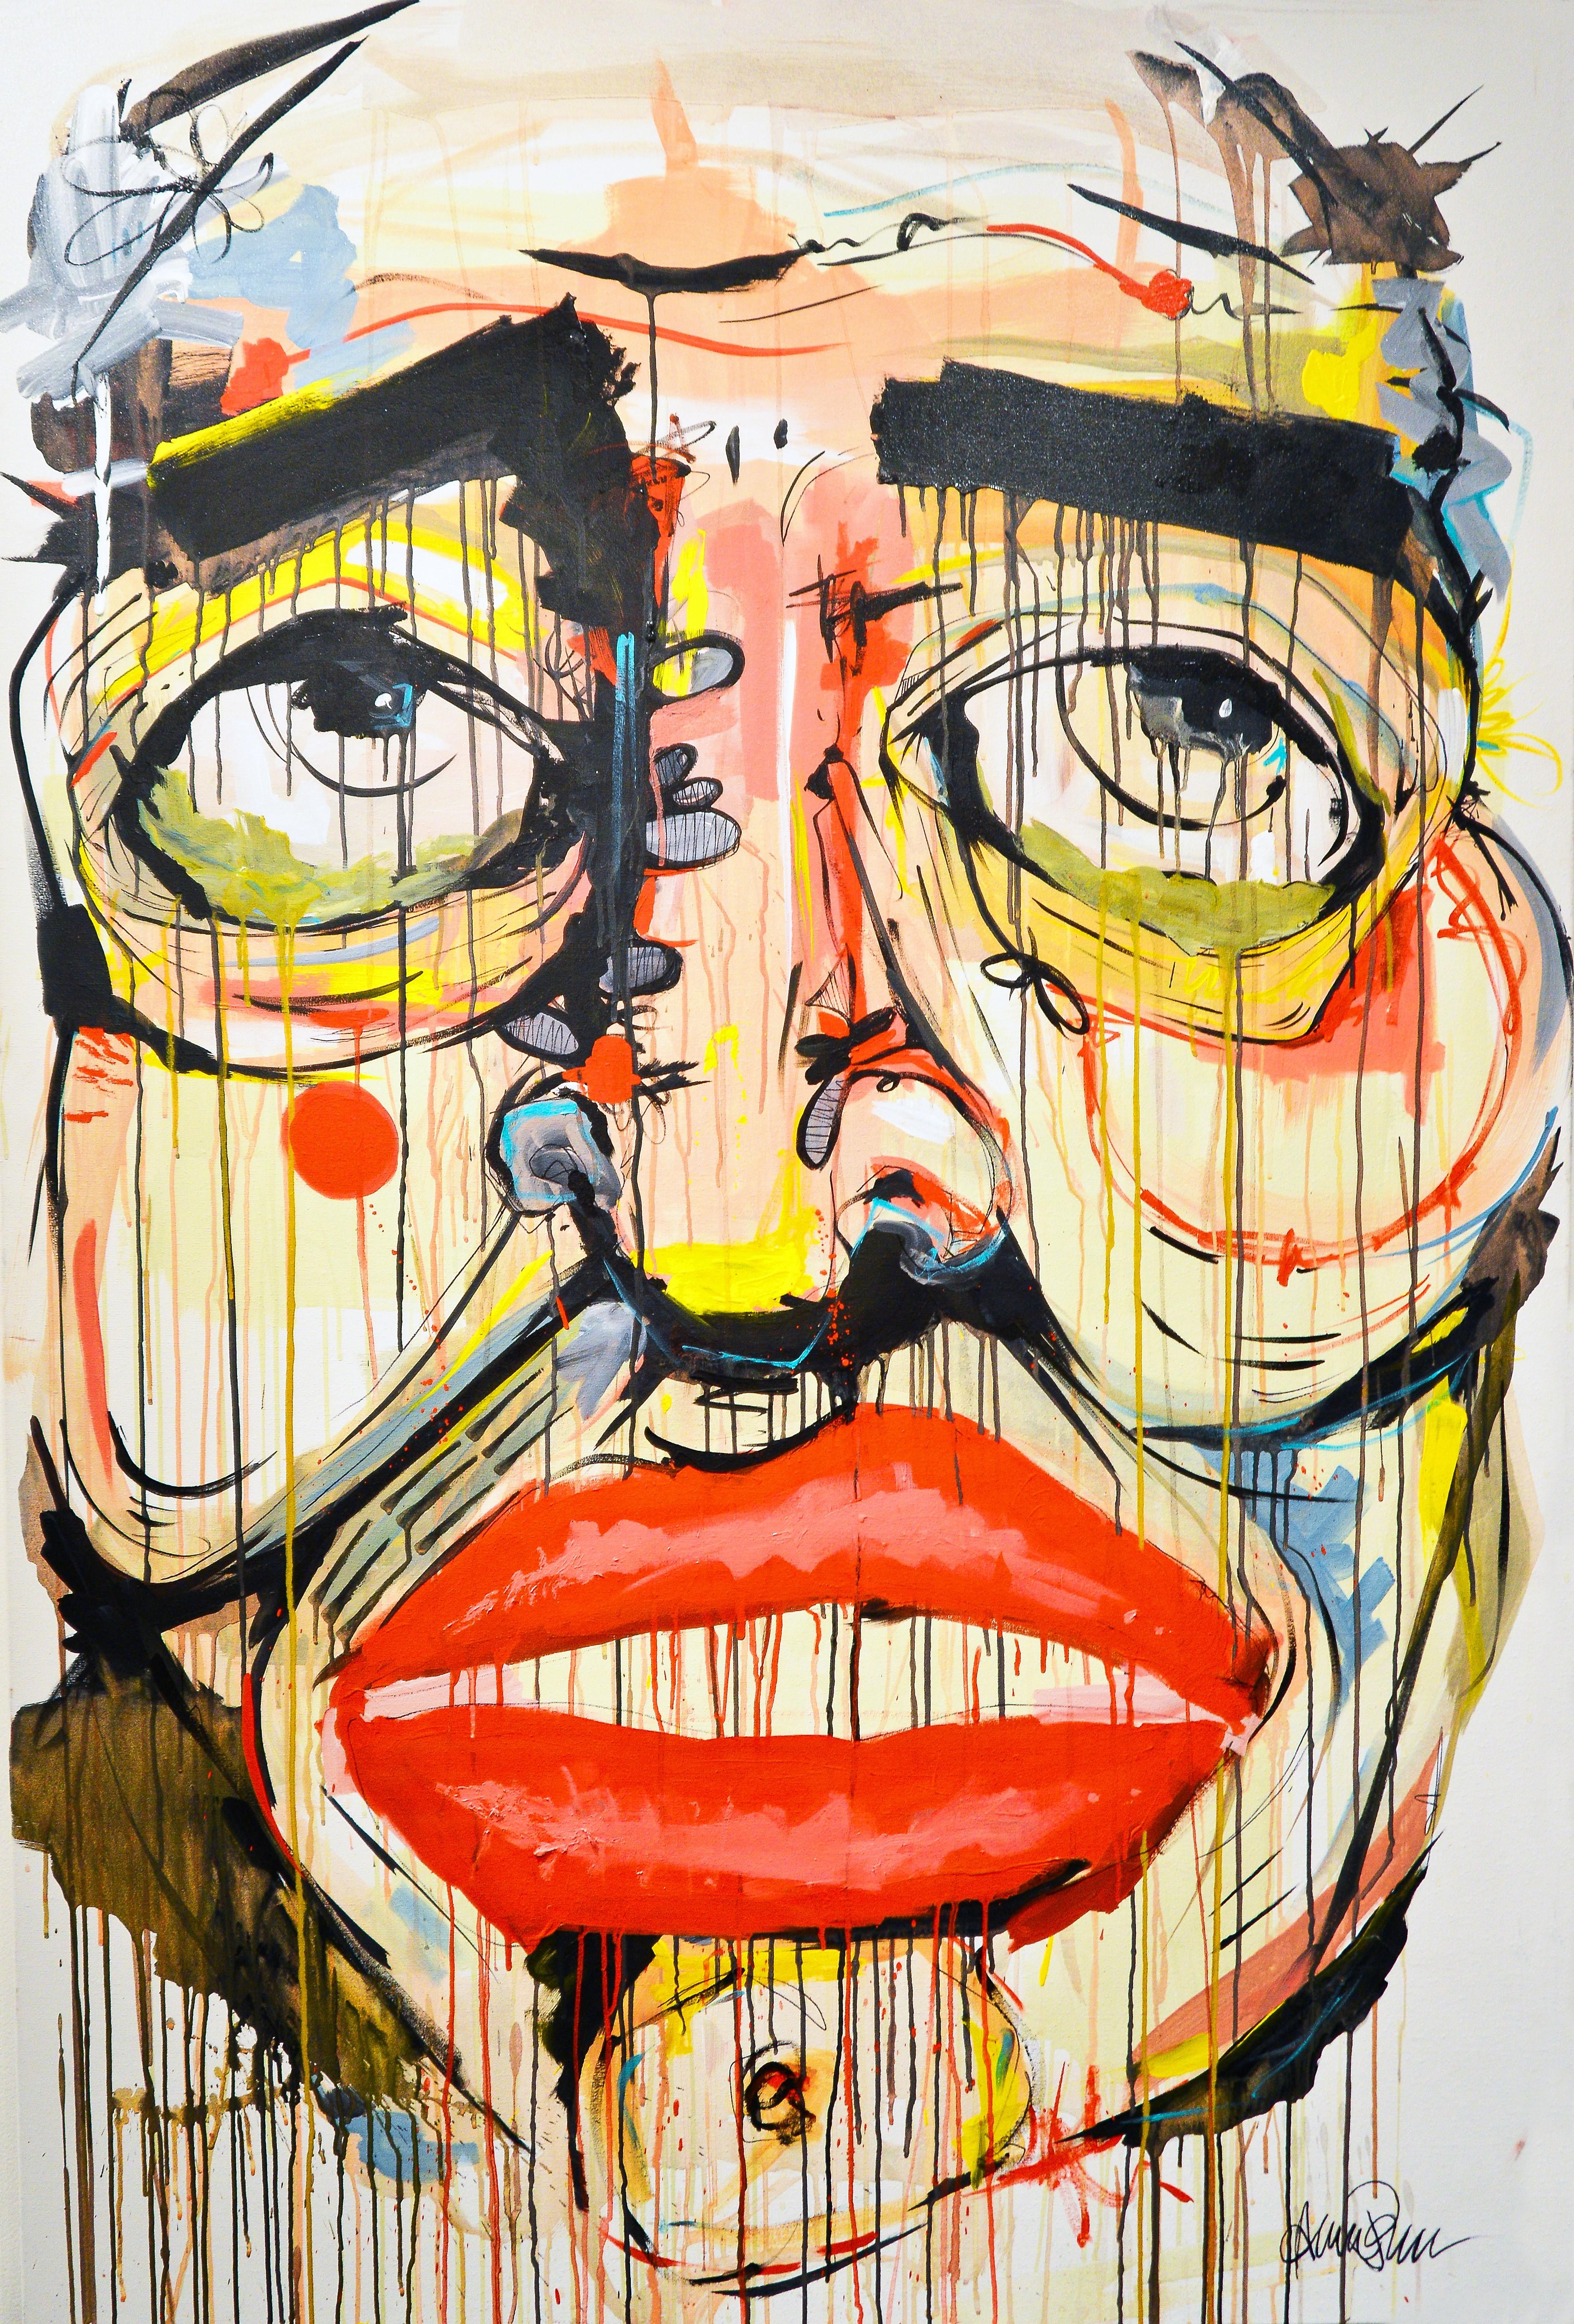 Masaüstü Yüz çizim Renkli Boyama Illüstrasyon Portre Gözler